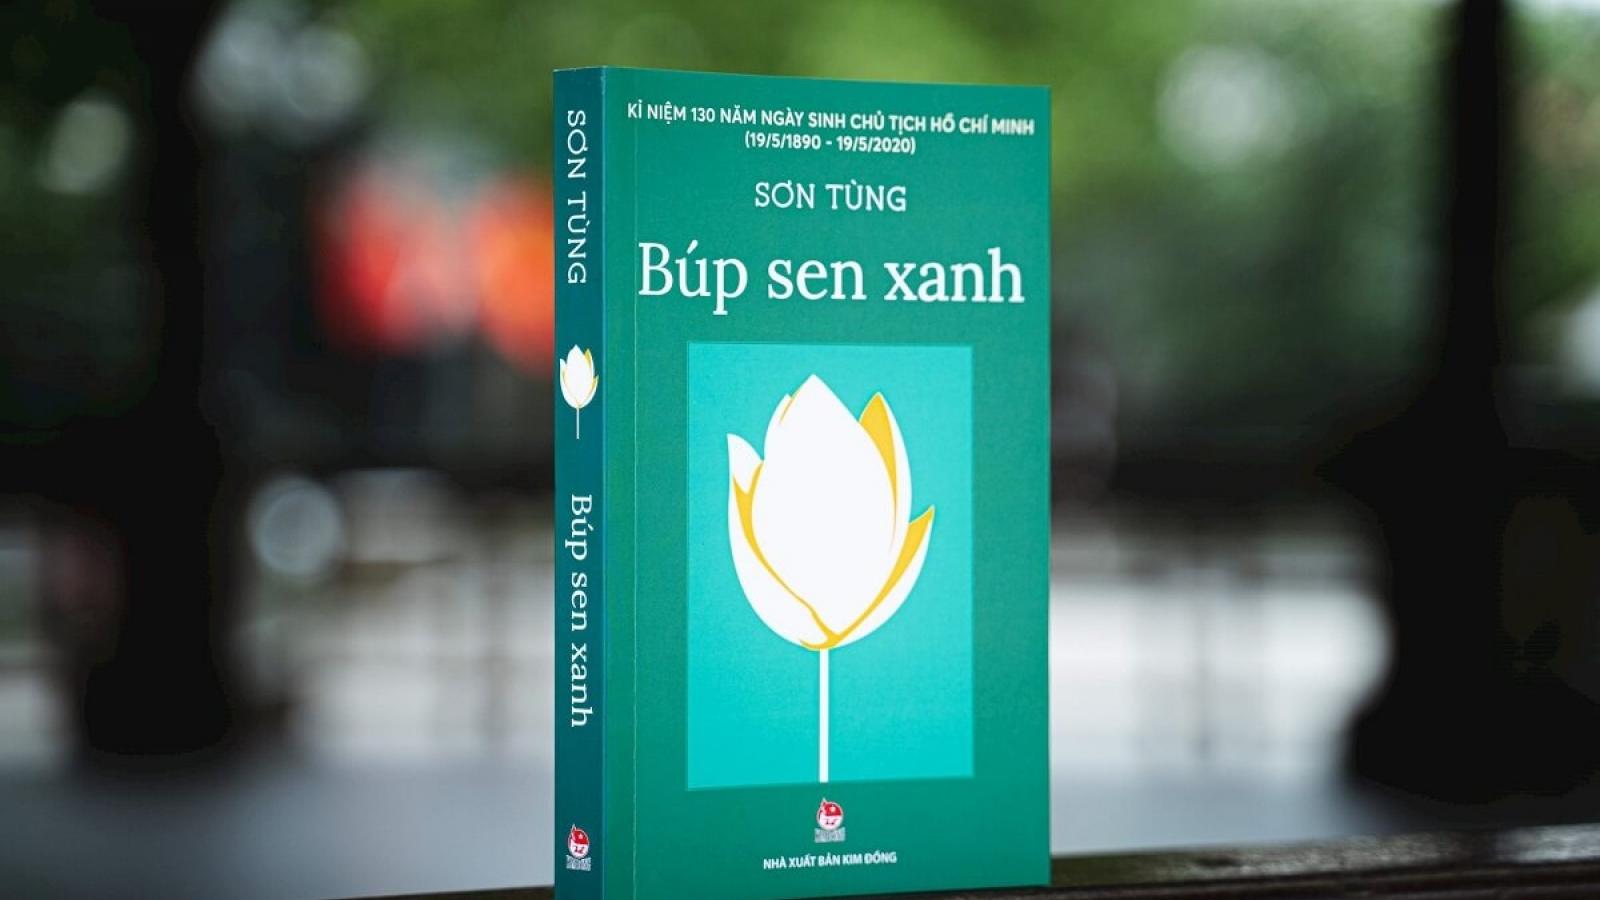 """""""Búp sen xanh"""" - Tác phẩm tâm huyết nhất kính dâng lên Bác của nhà văn Sơn Tùng"""